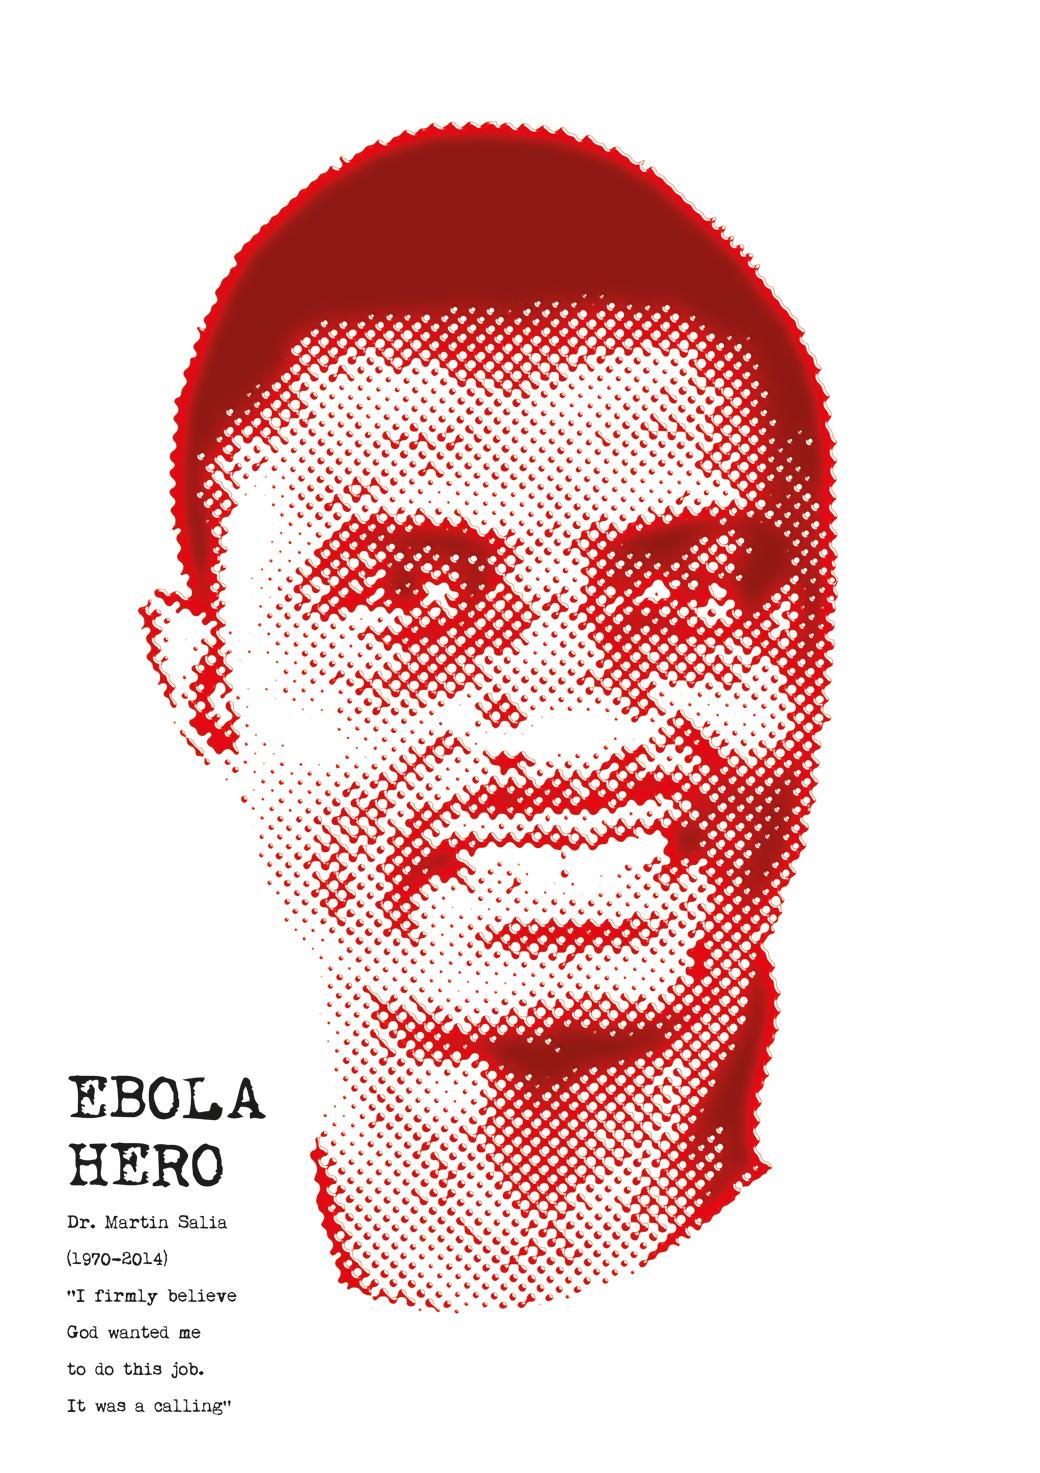 EBOLA HERO